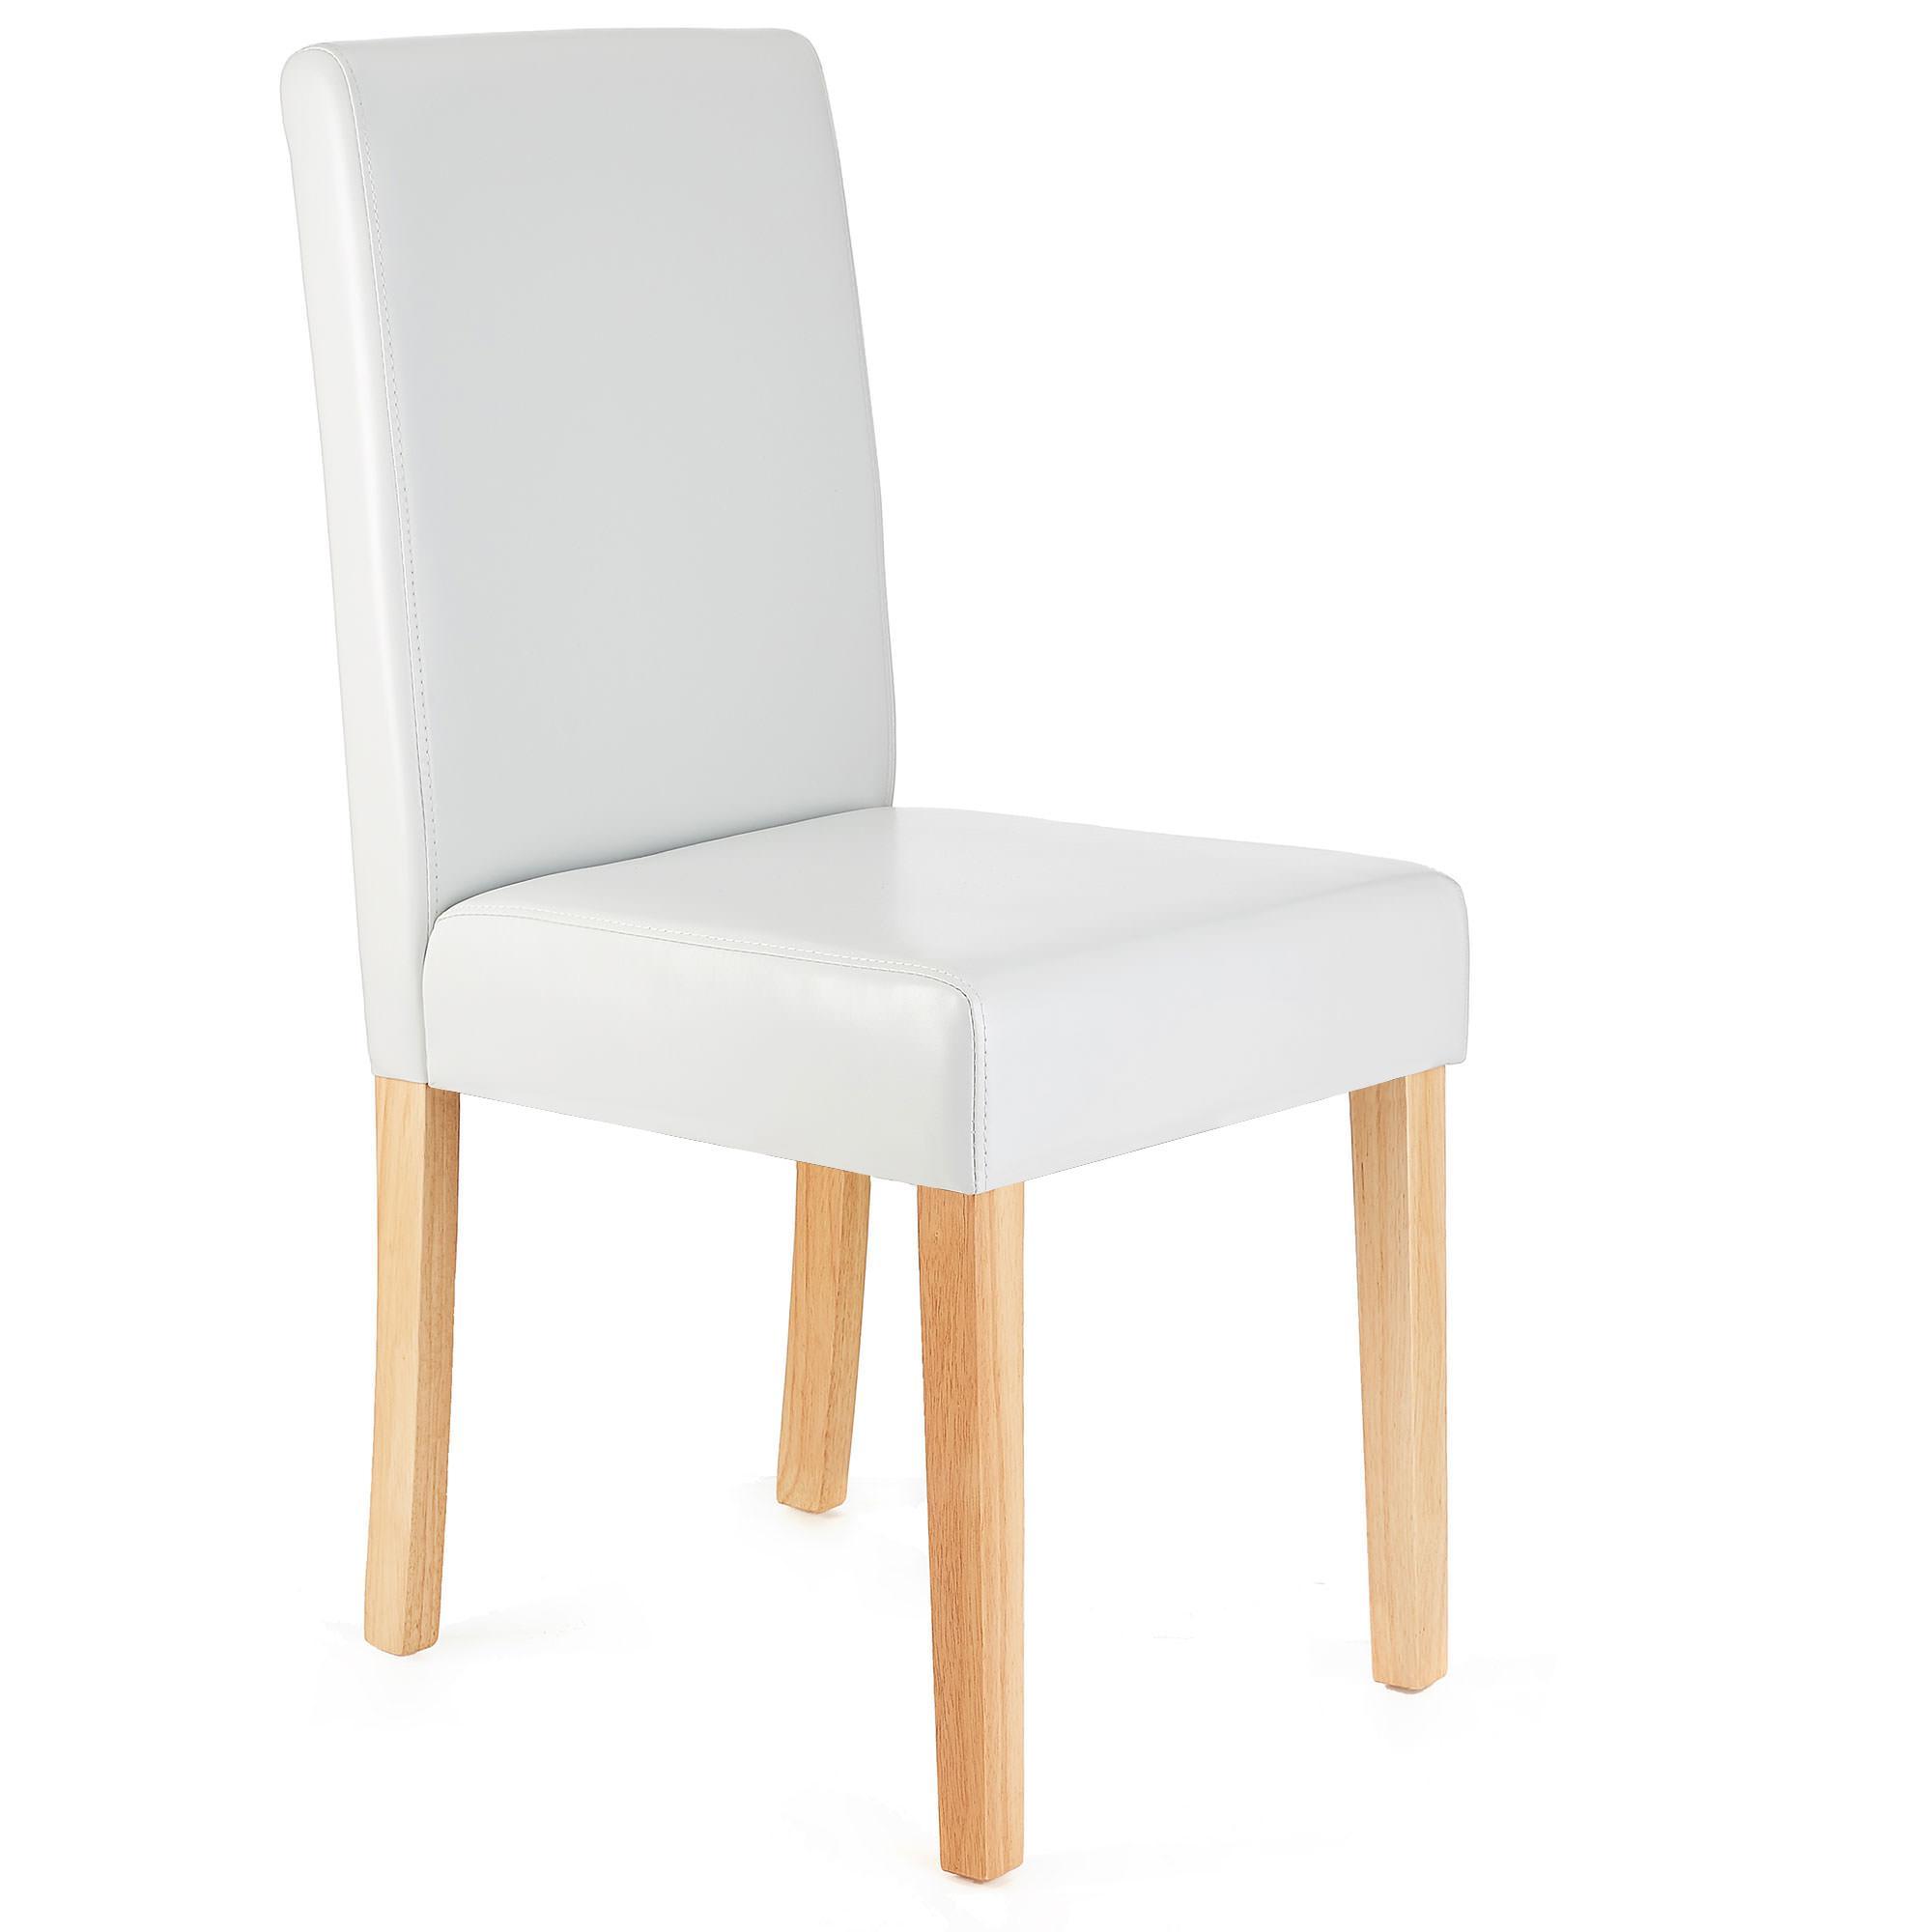 Lote 4 sillas de comedor litau precioso dise o piel for Sillas de diseno blancas